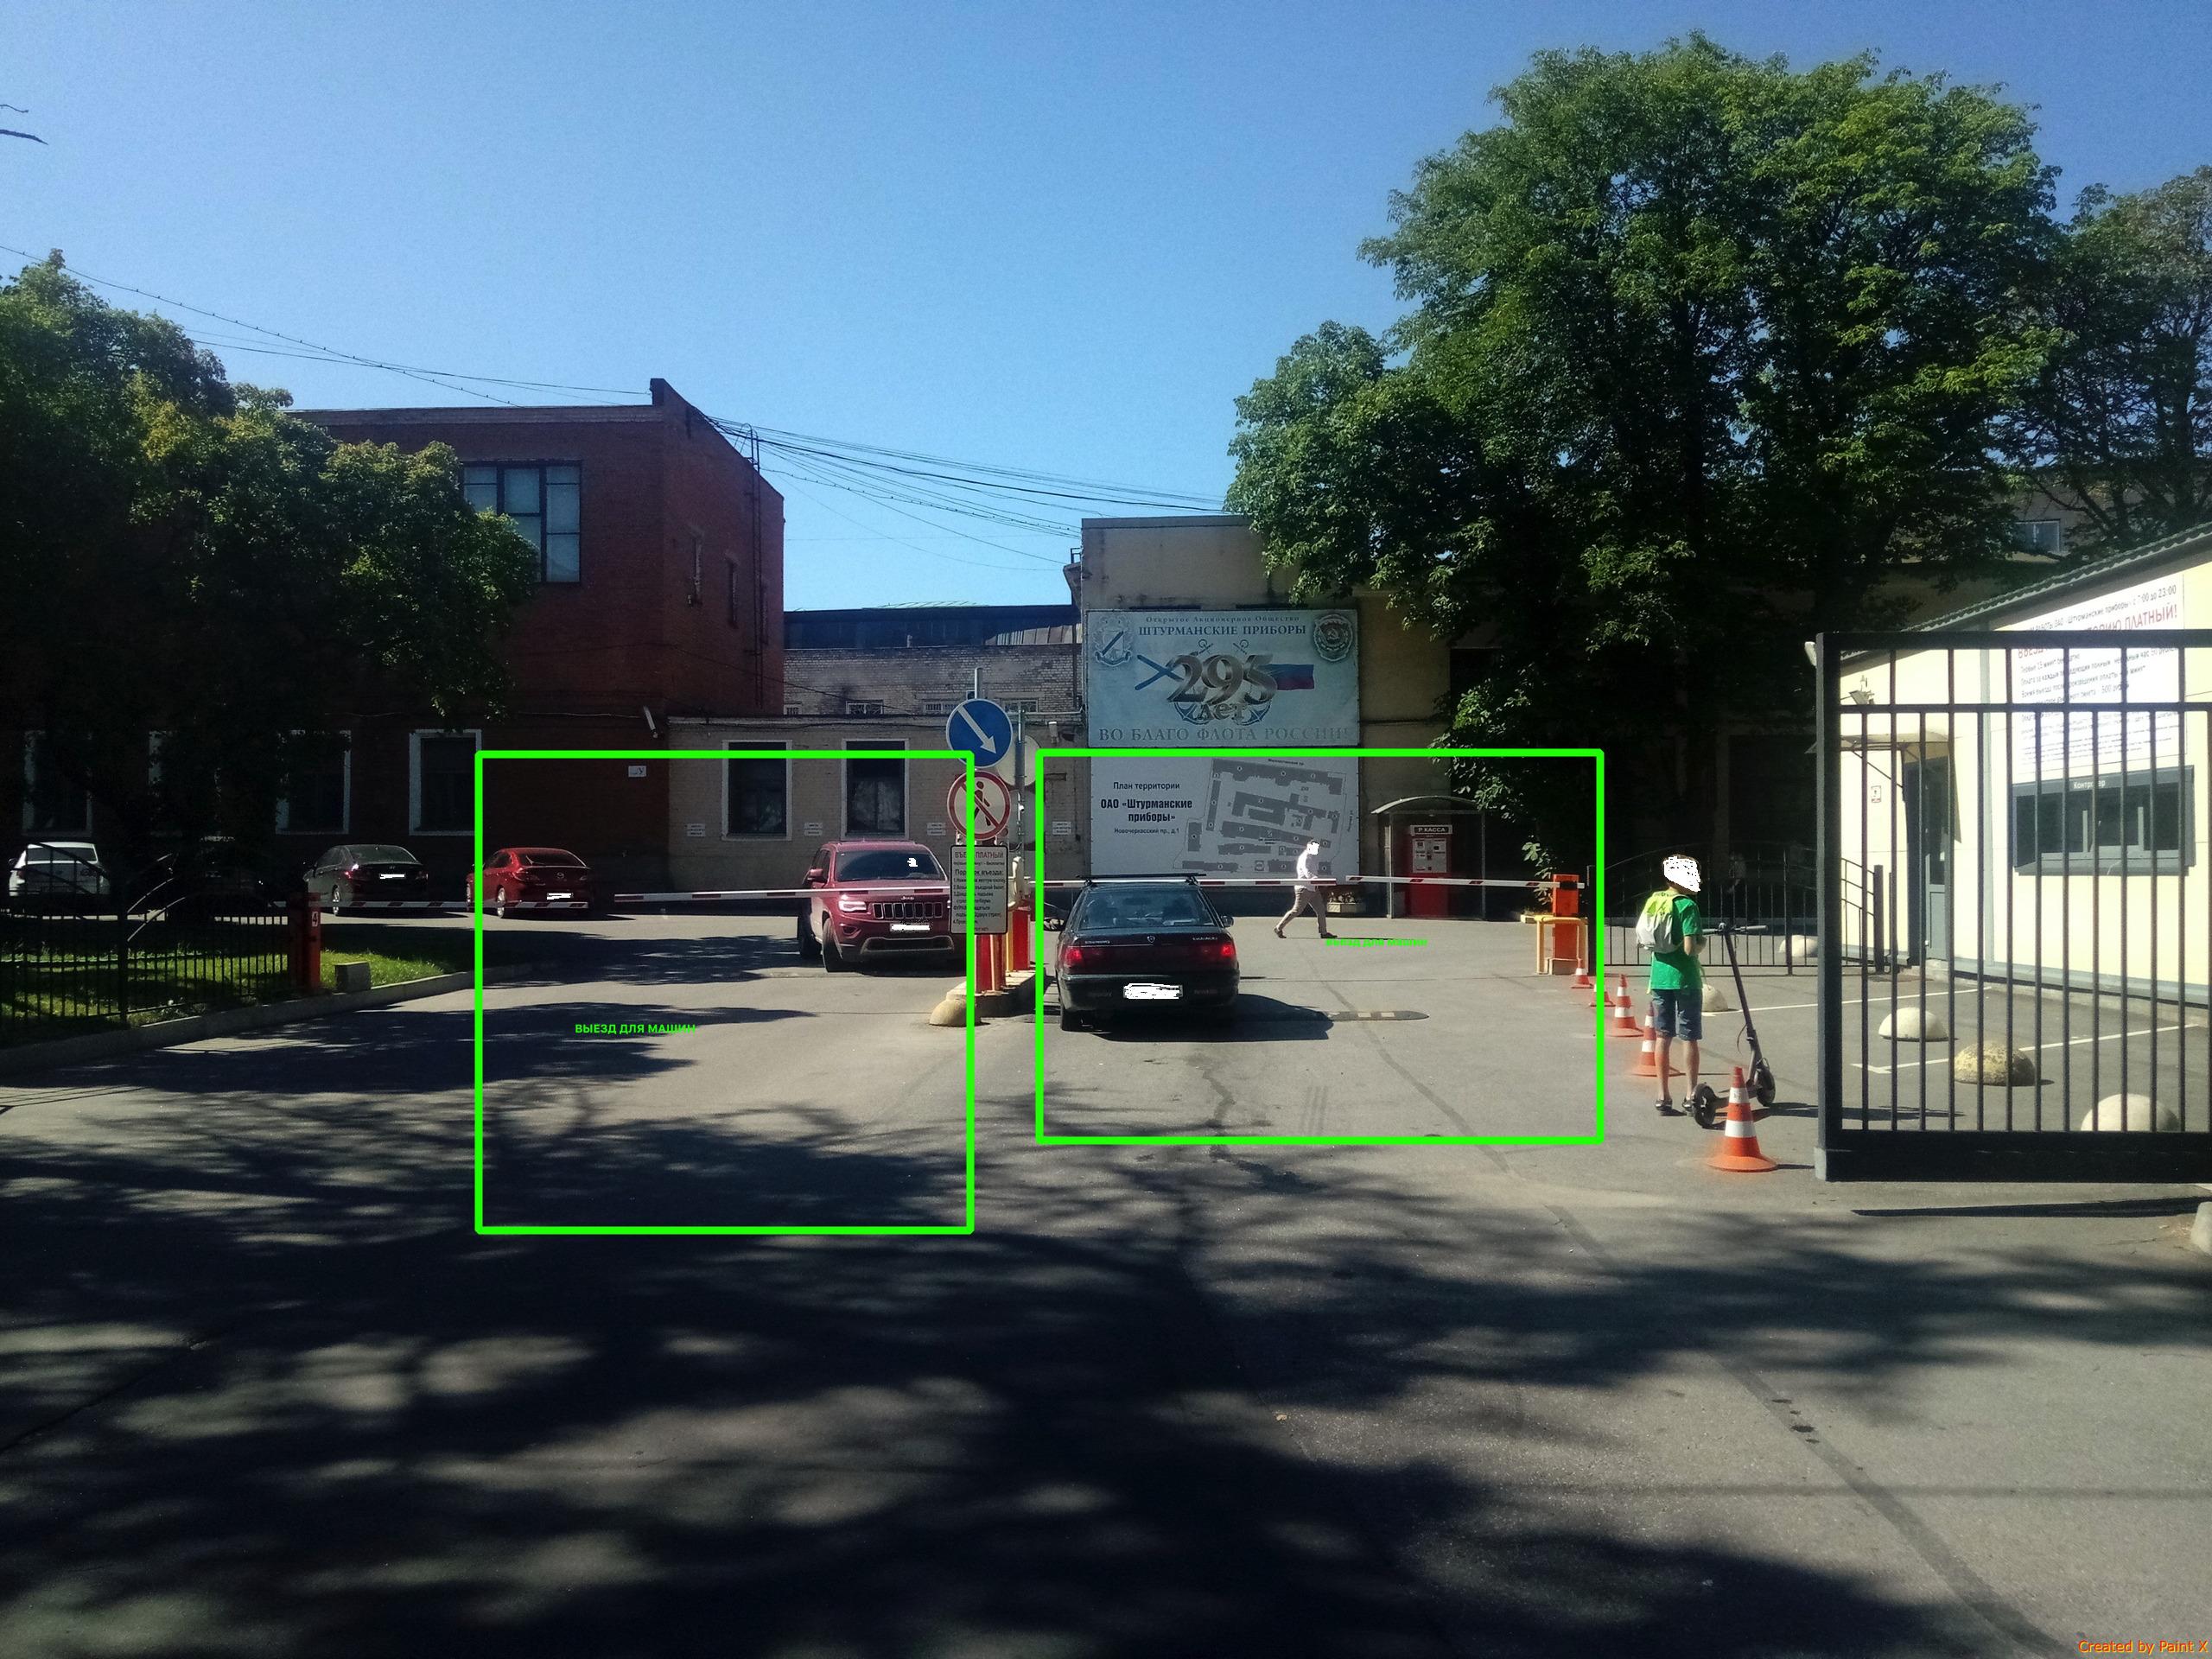 Шаг №2.1: Cлева выезд для машин, cправа въезд для машин.